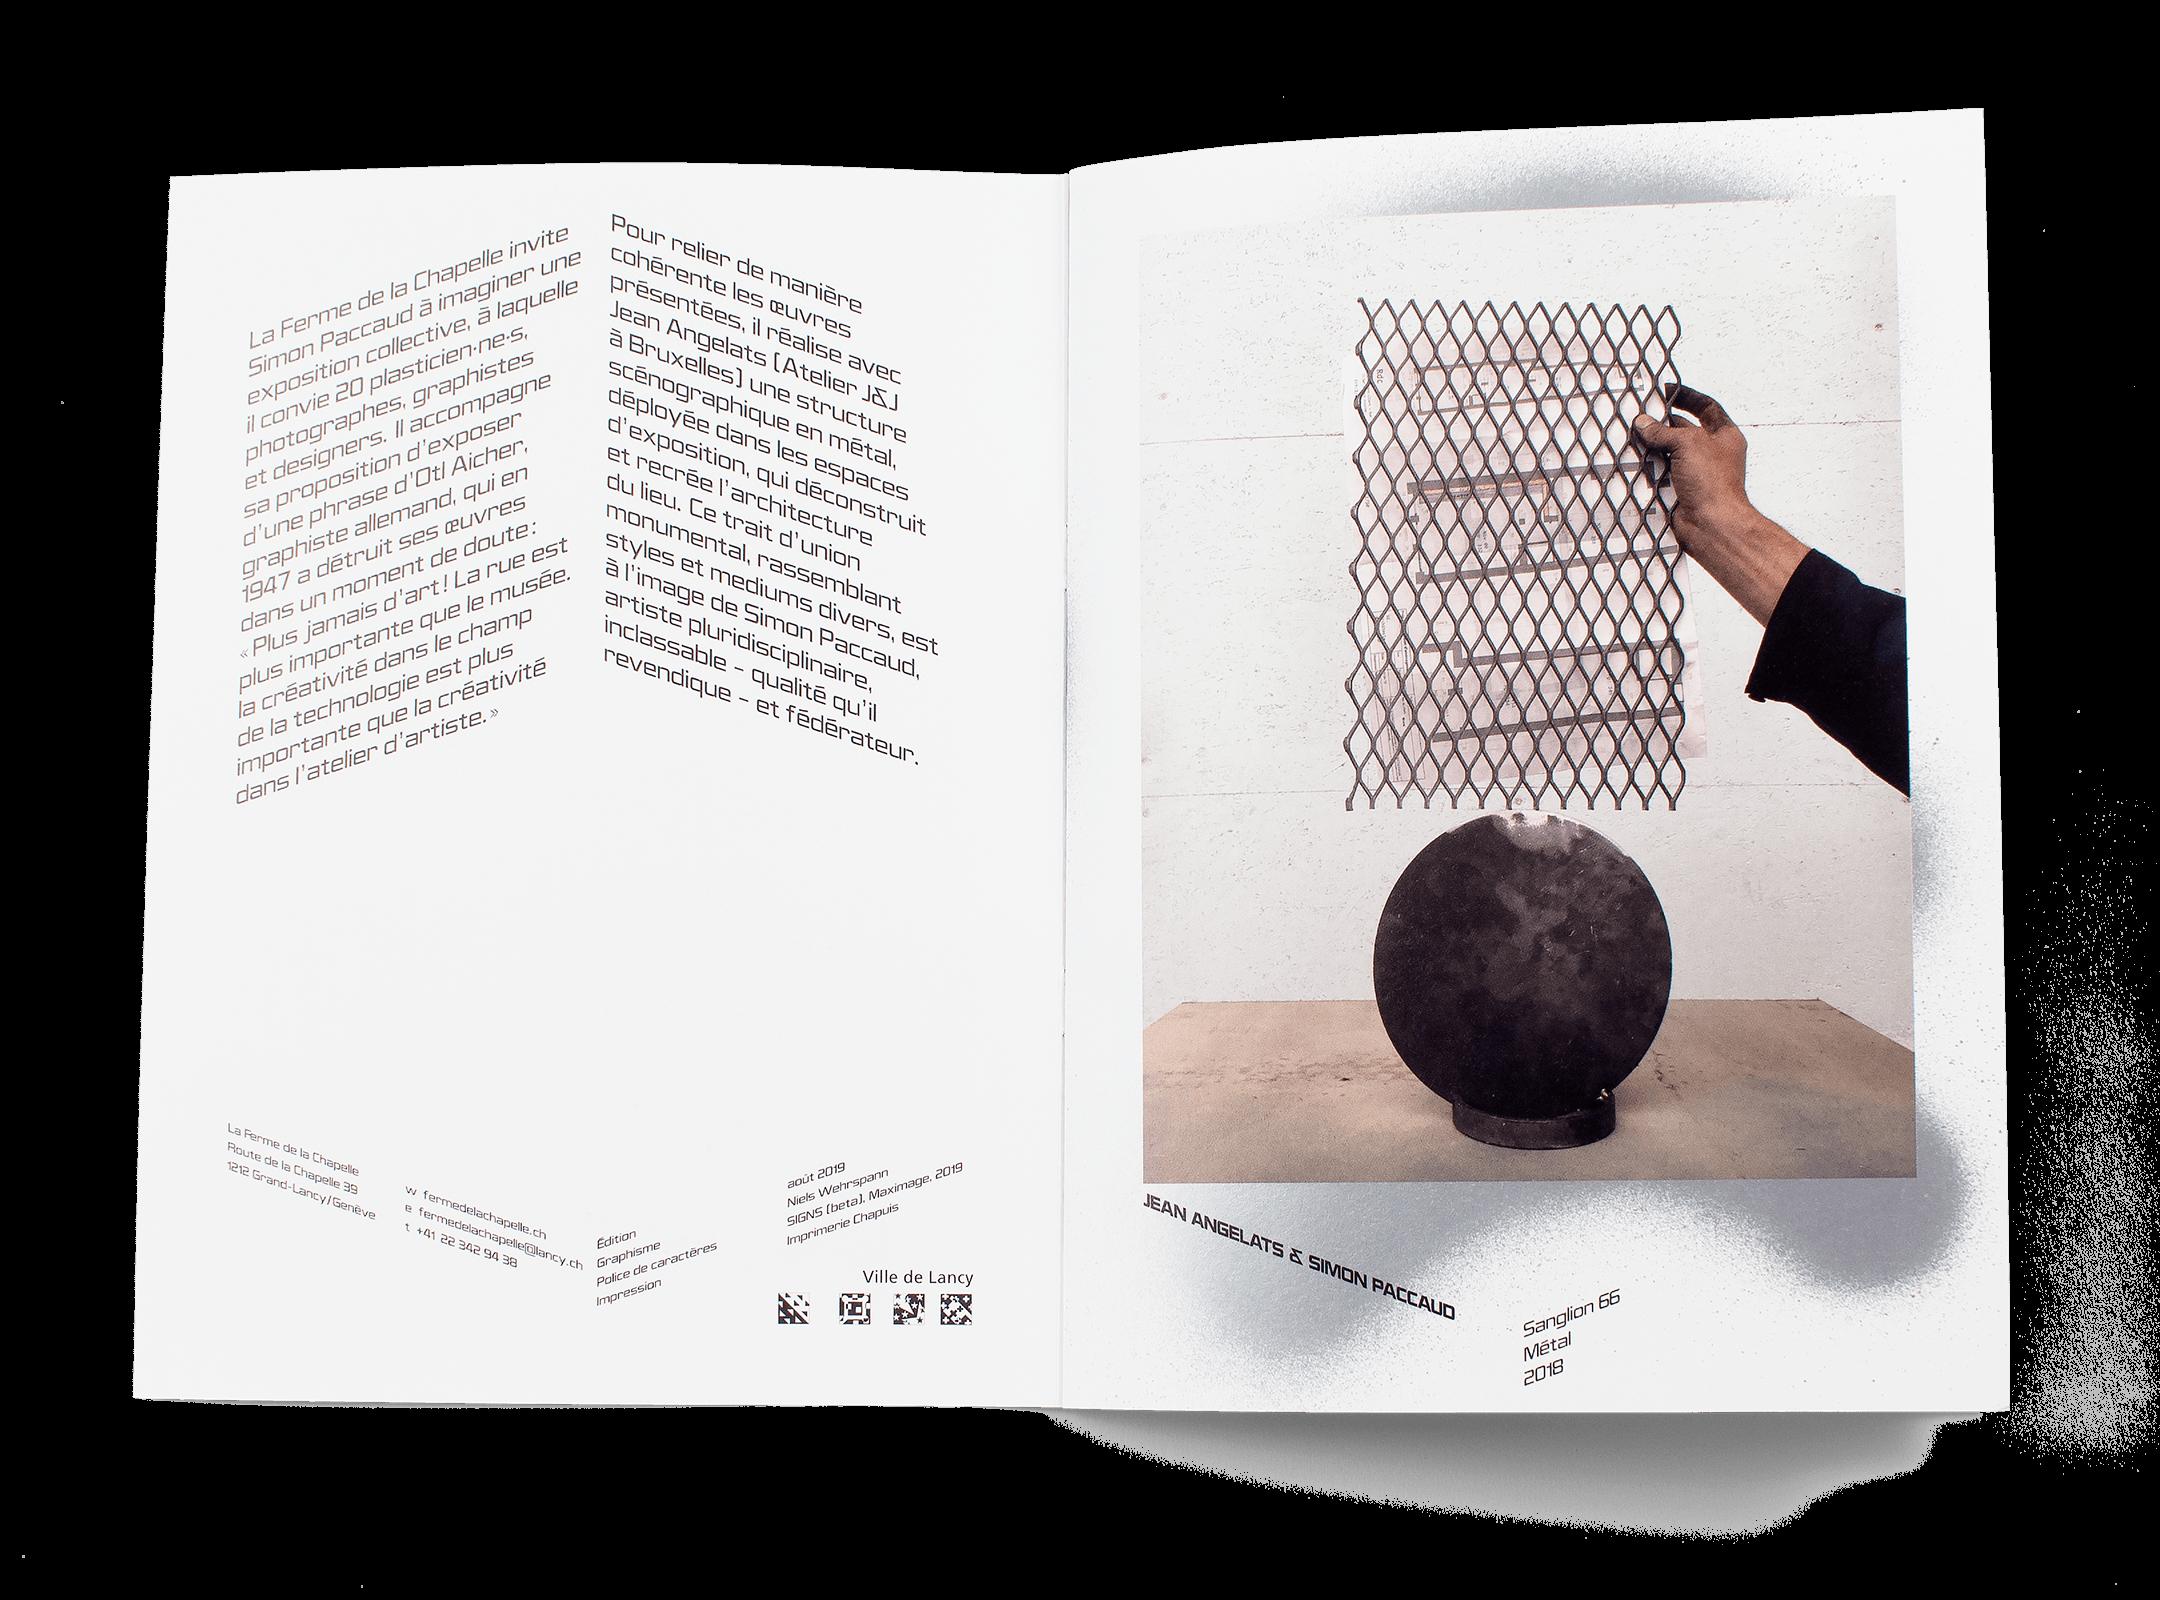 Photo d'une sculpture de Jean Angelats et Simon Paccaud dans la brochure de l'exposition de Simon Paccaud à la Ferme de la Chapelle